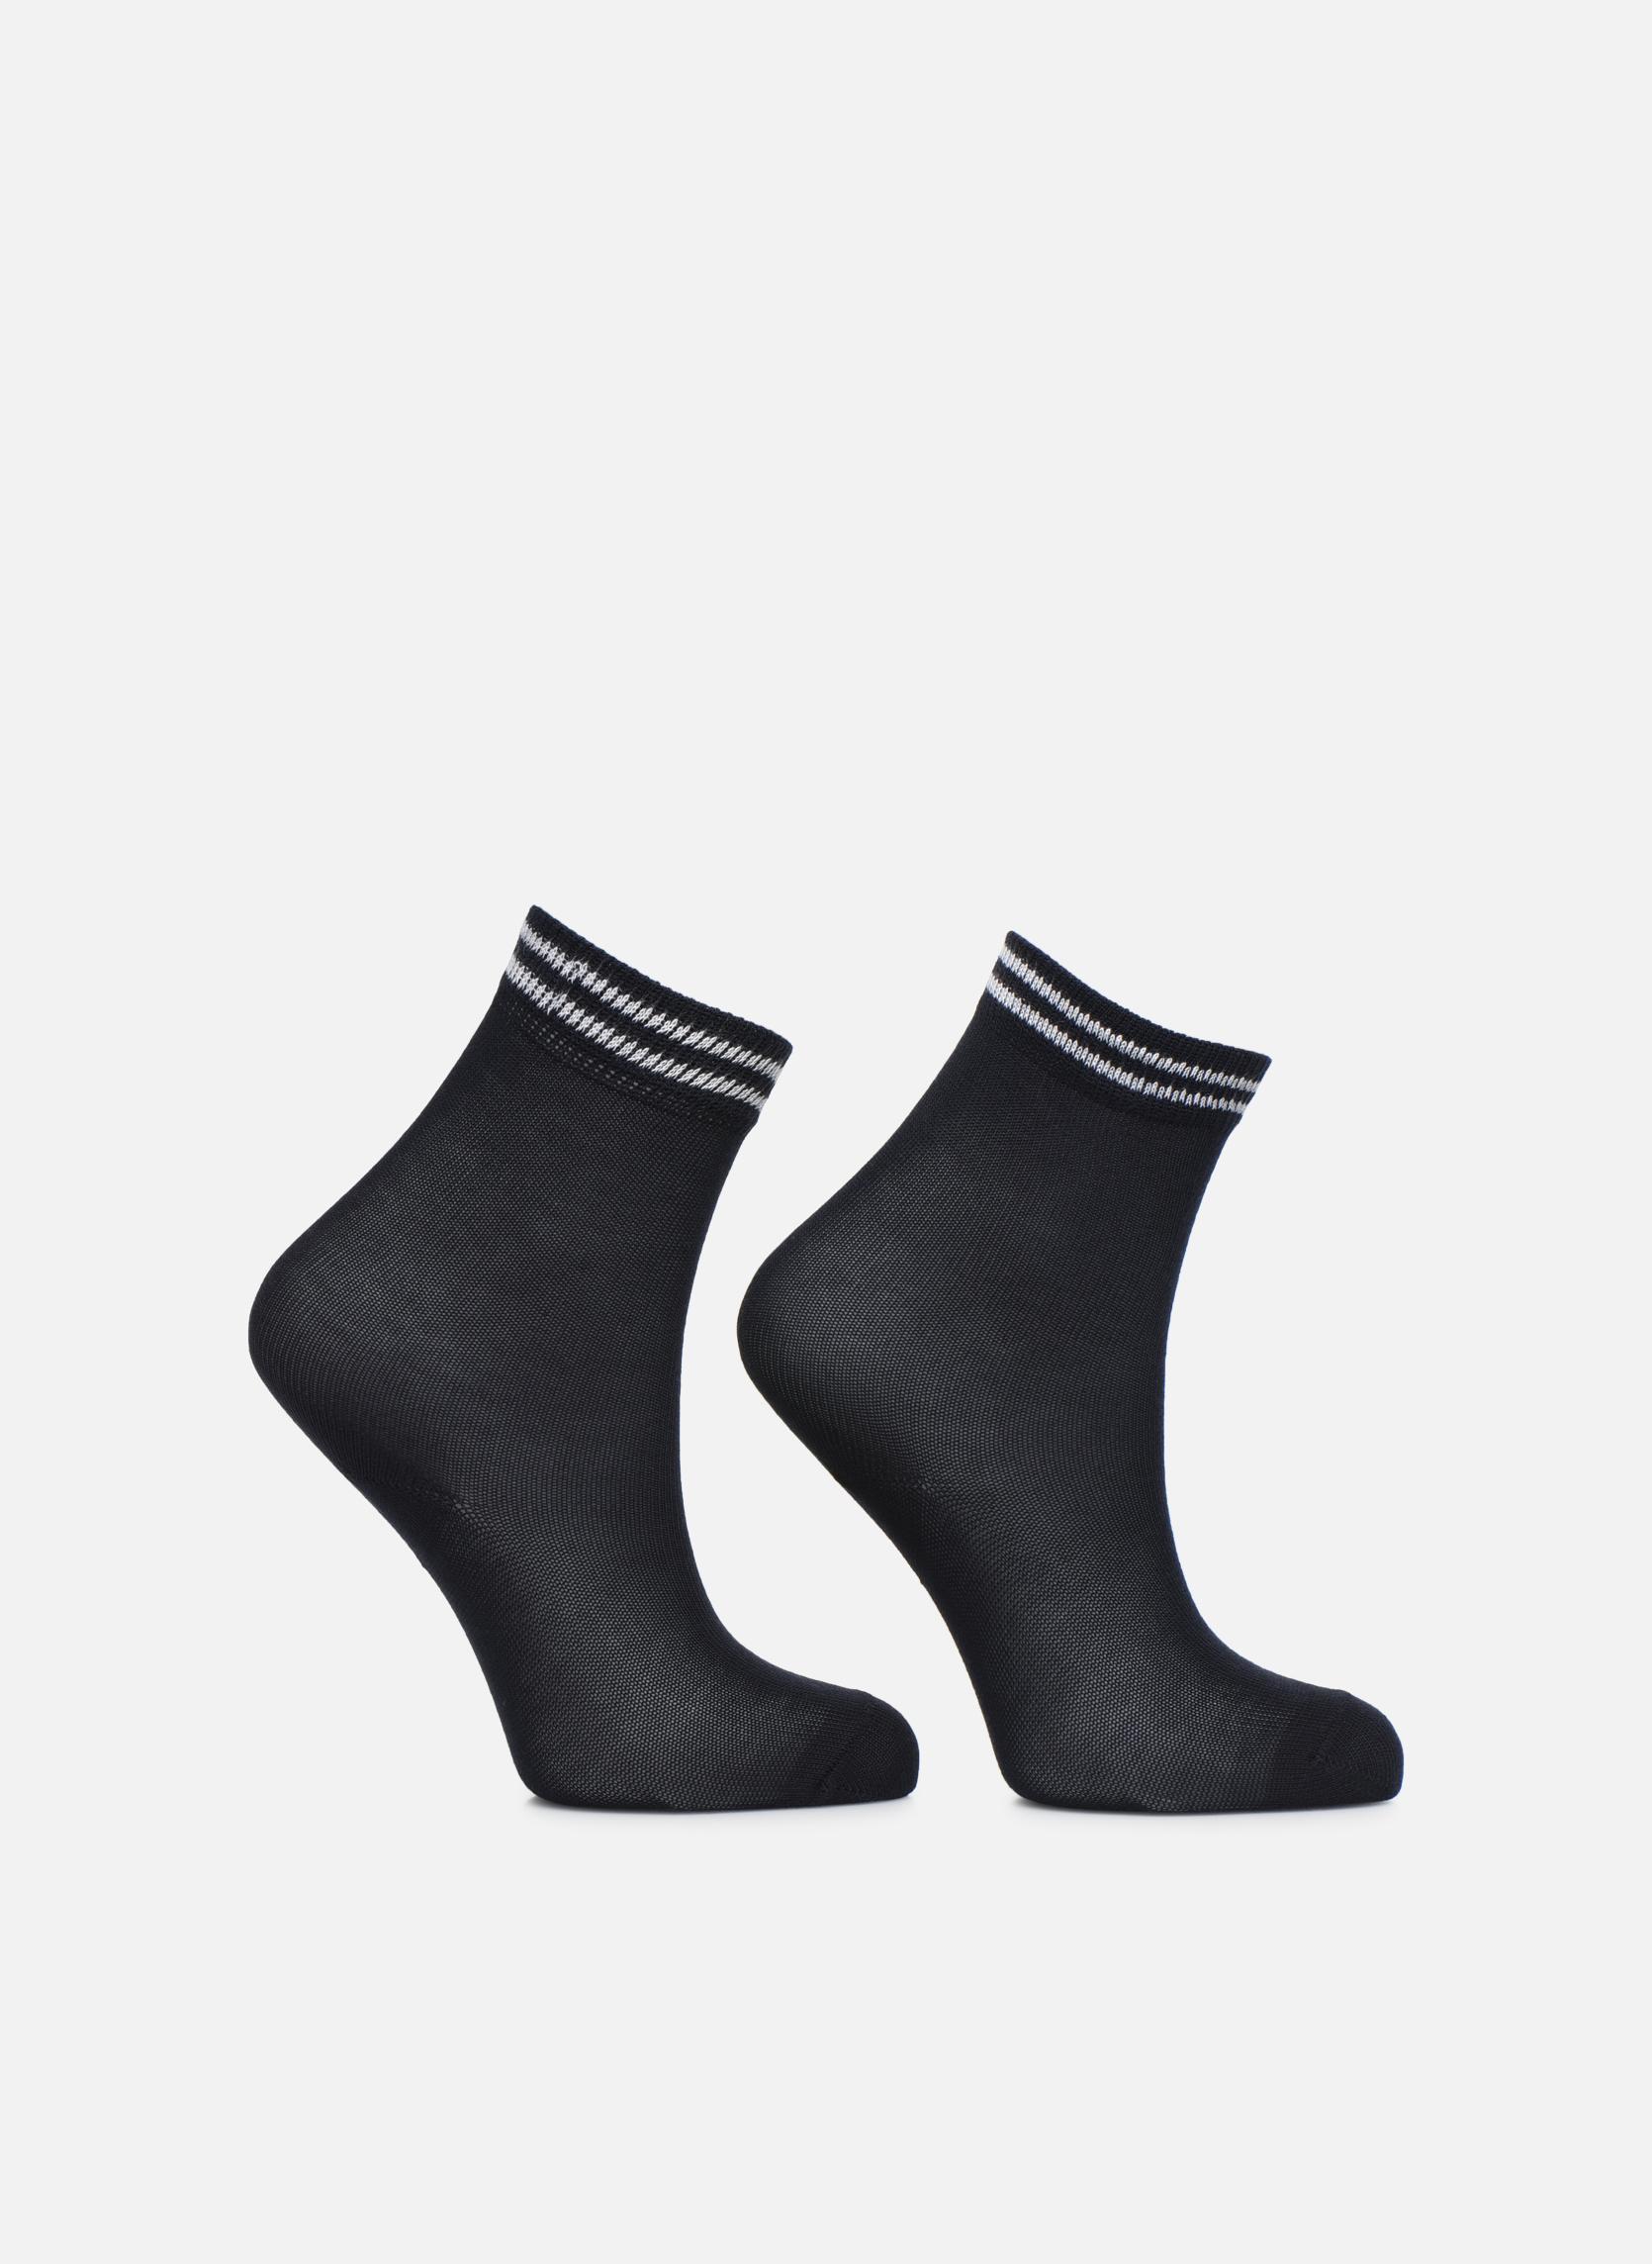 Socken & Strumpfhosen Accessoires Socken FRIENDS 2er-Pack